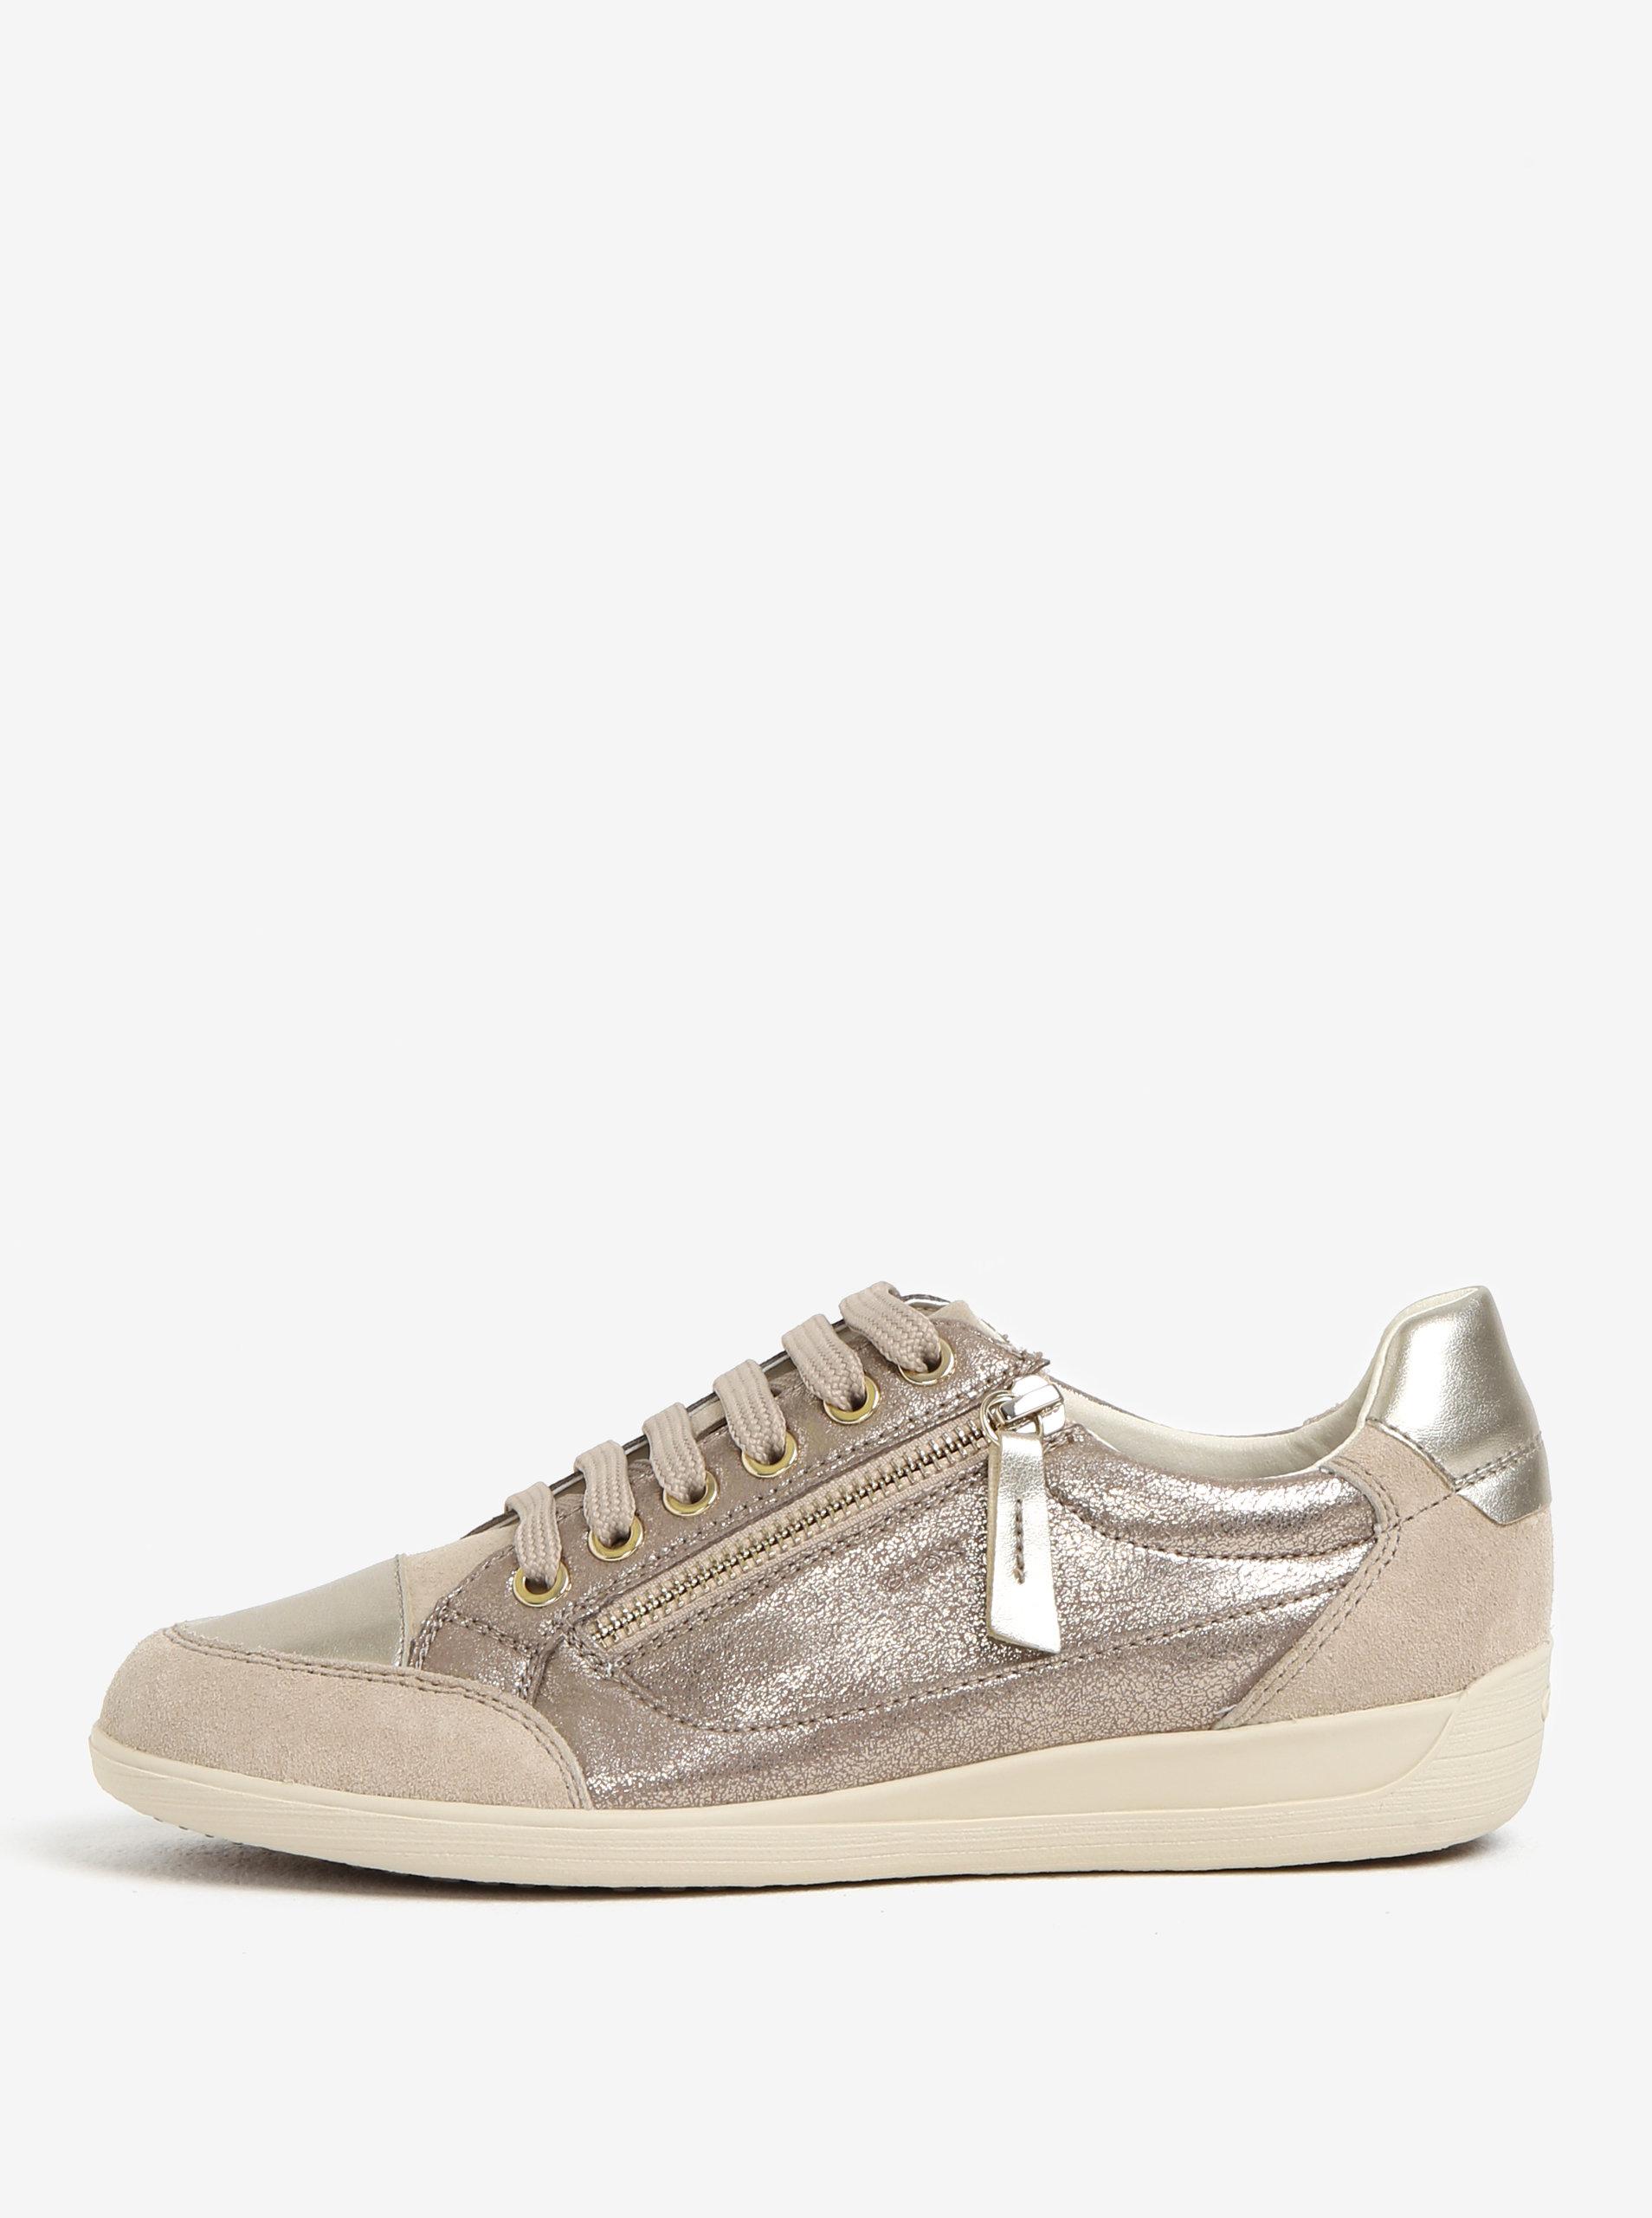 Dámské kožené tenisky ve stříbrné barvě Geox Myria ... 00eb6f15e5